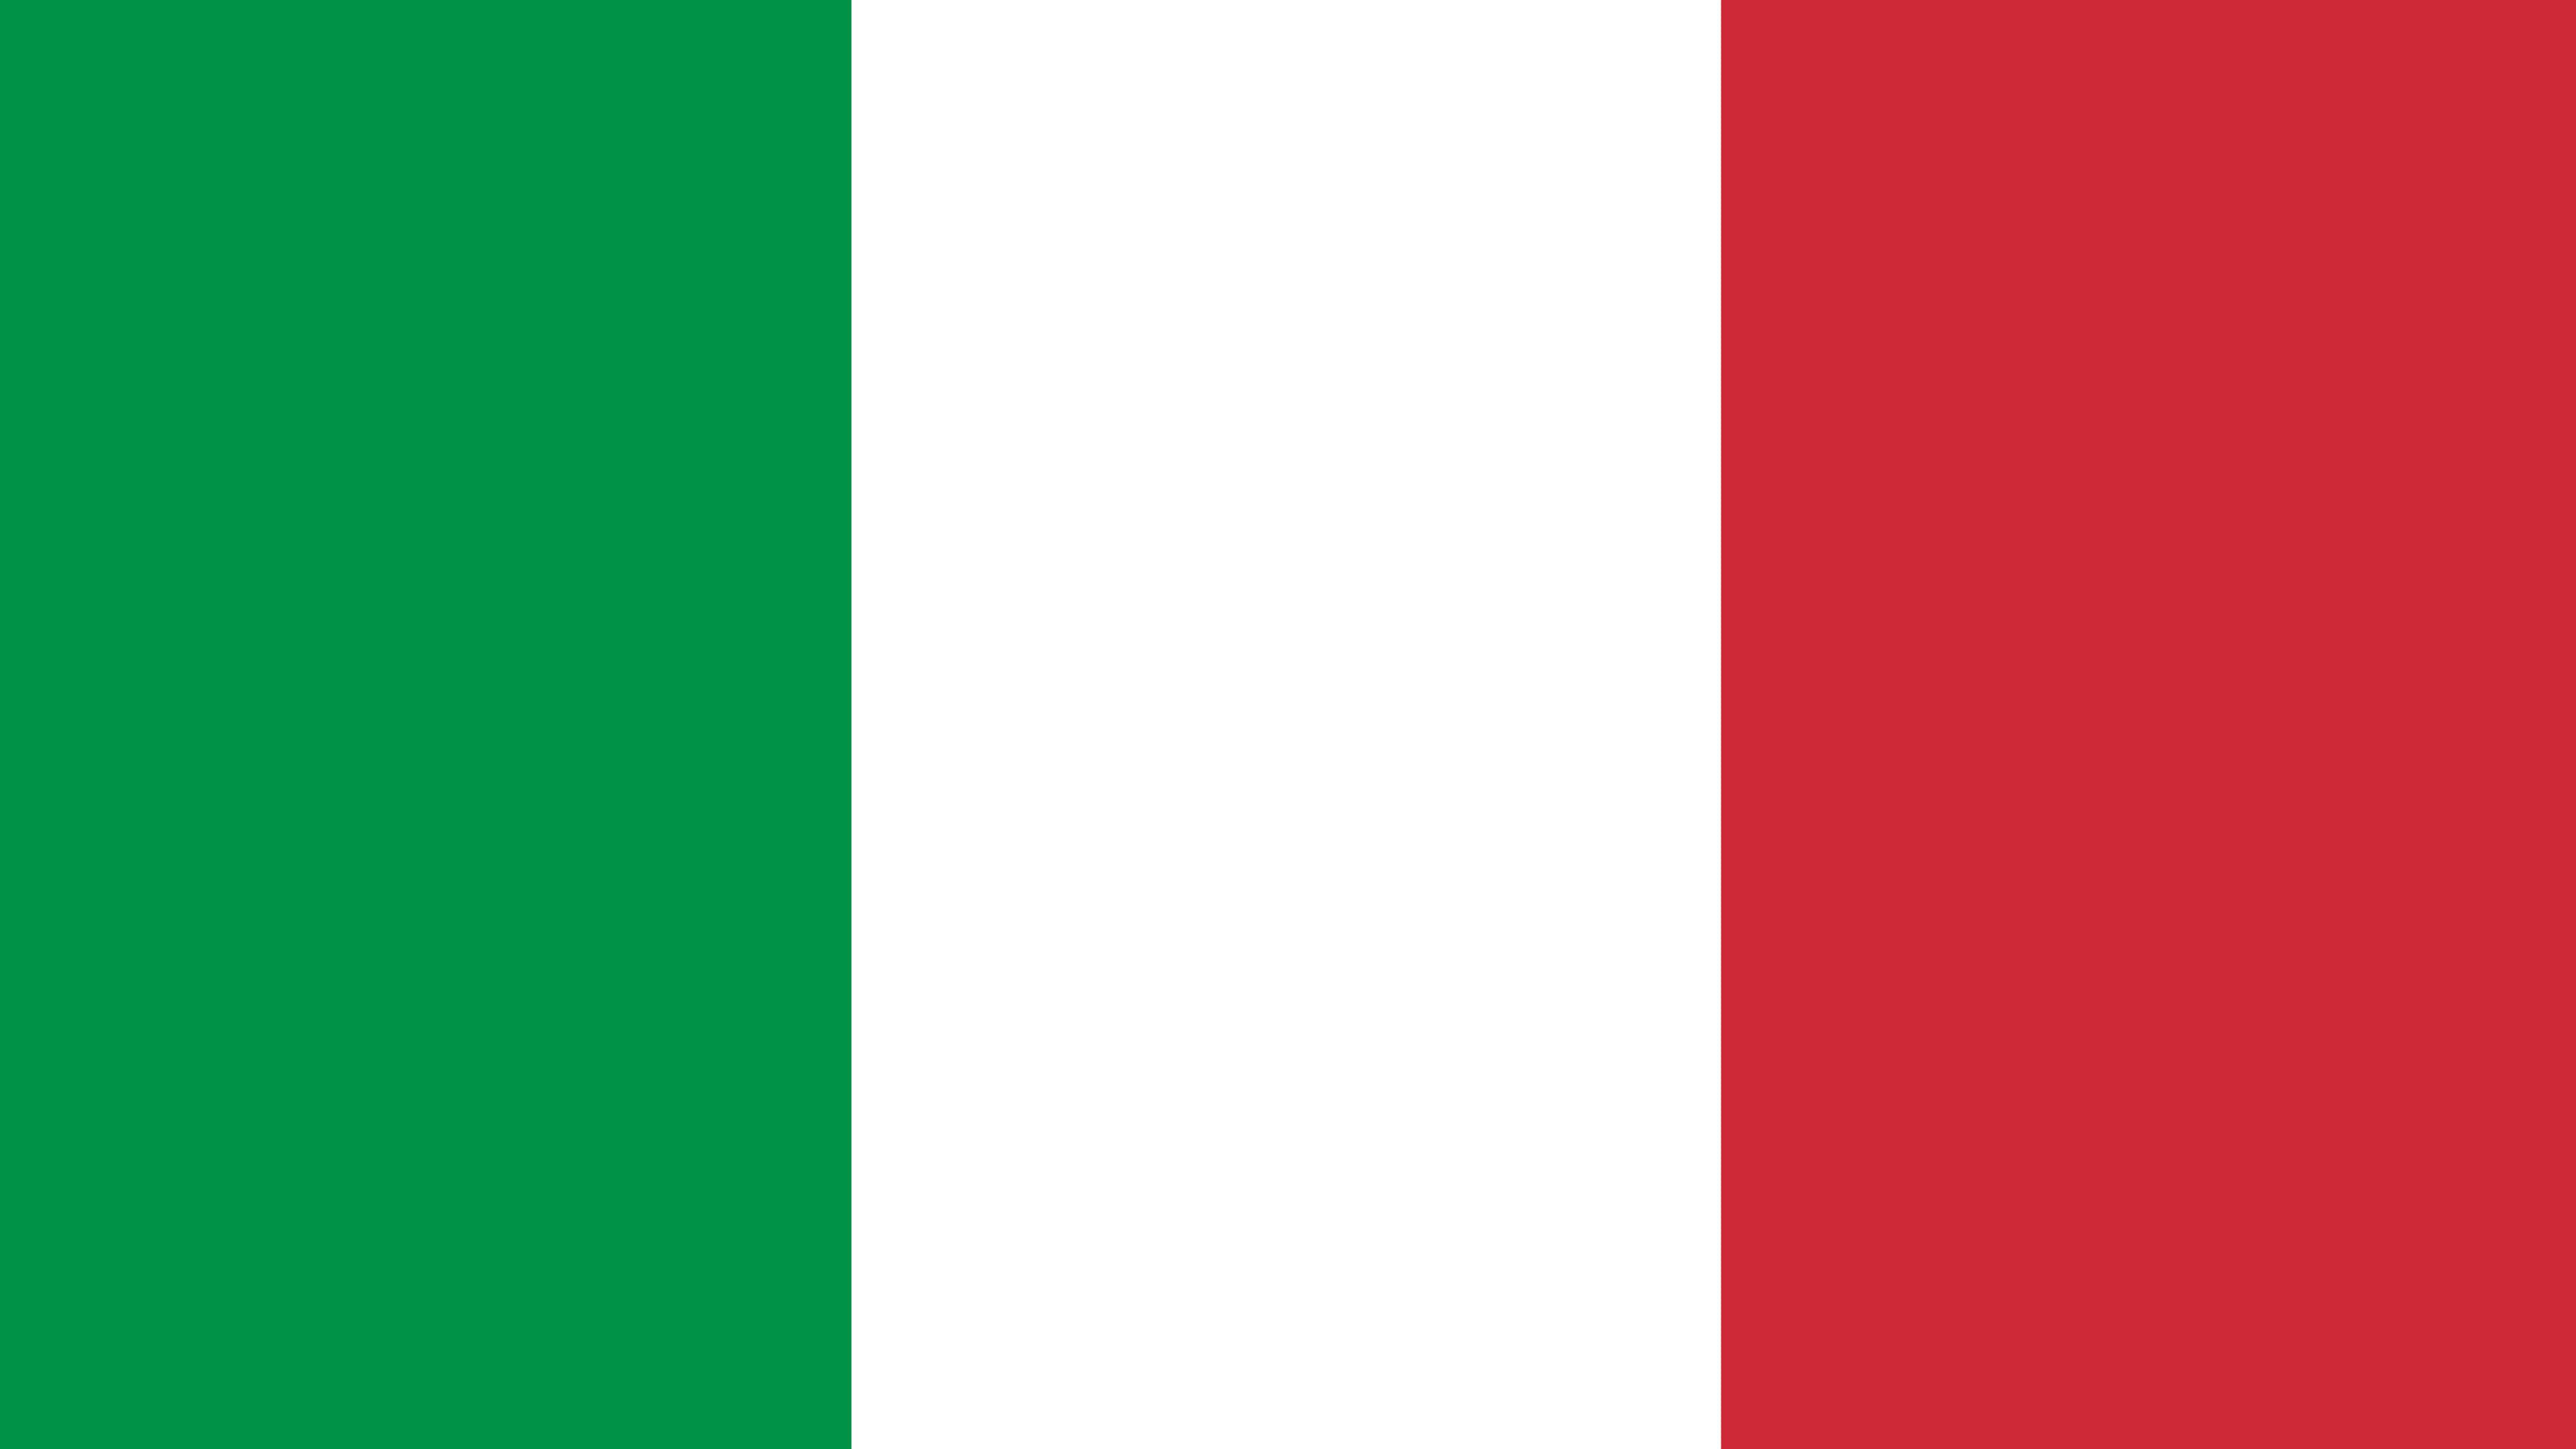 Italy Flag UHD 4K Wallpaper Pixelz 3840x2160